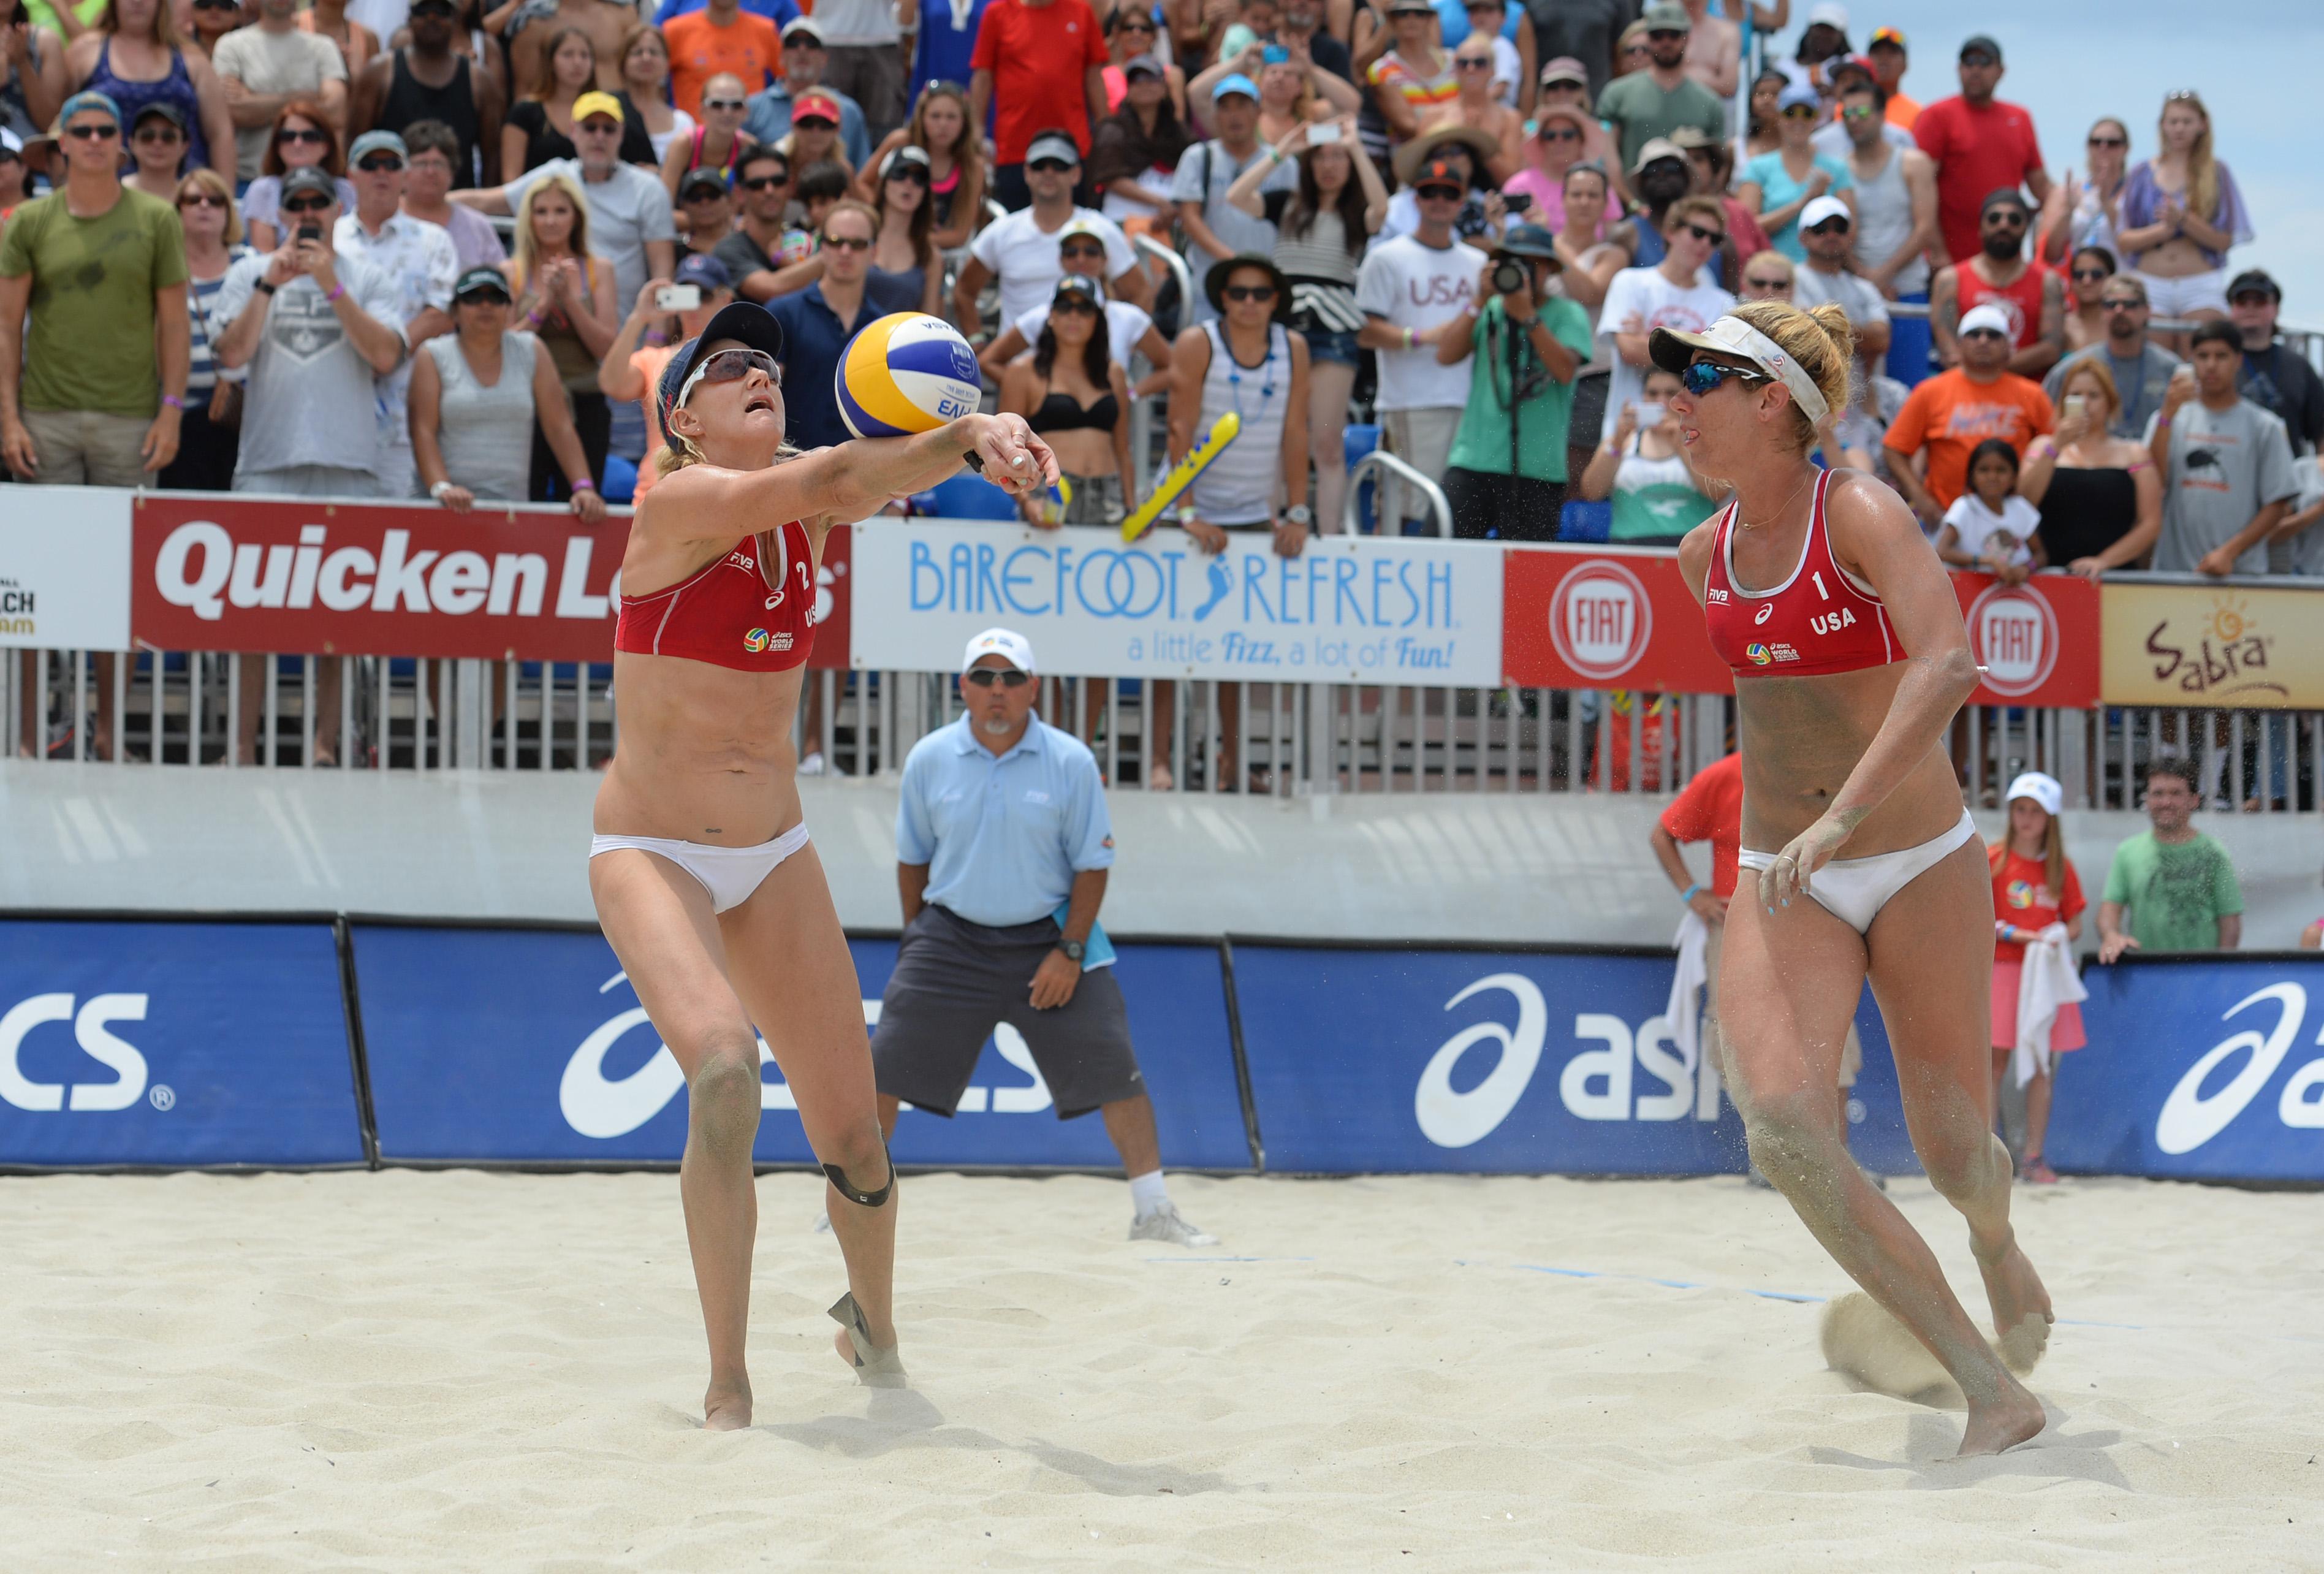 La série mondiale mondiale Asics de de 9523 volleyball de plage »My Sports | dfd102e - propertiindonesia.site